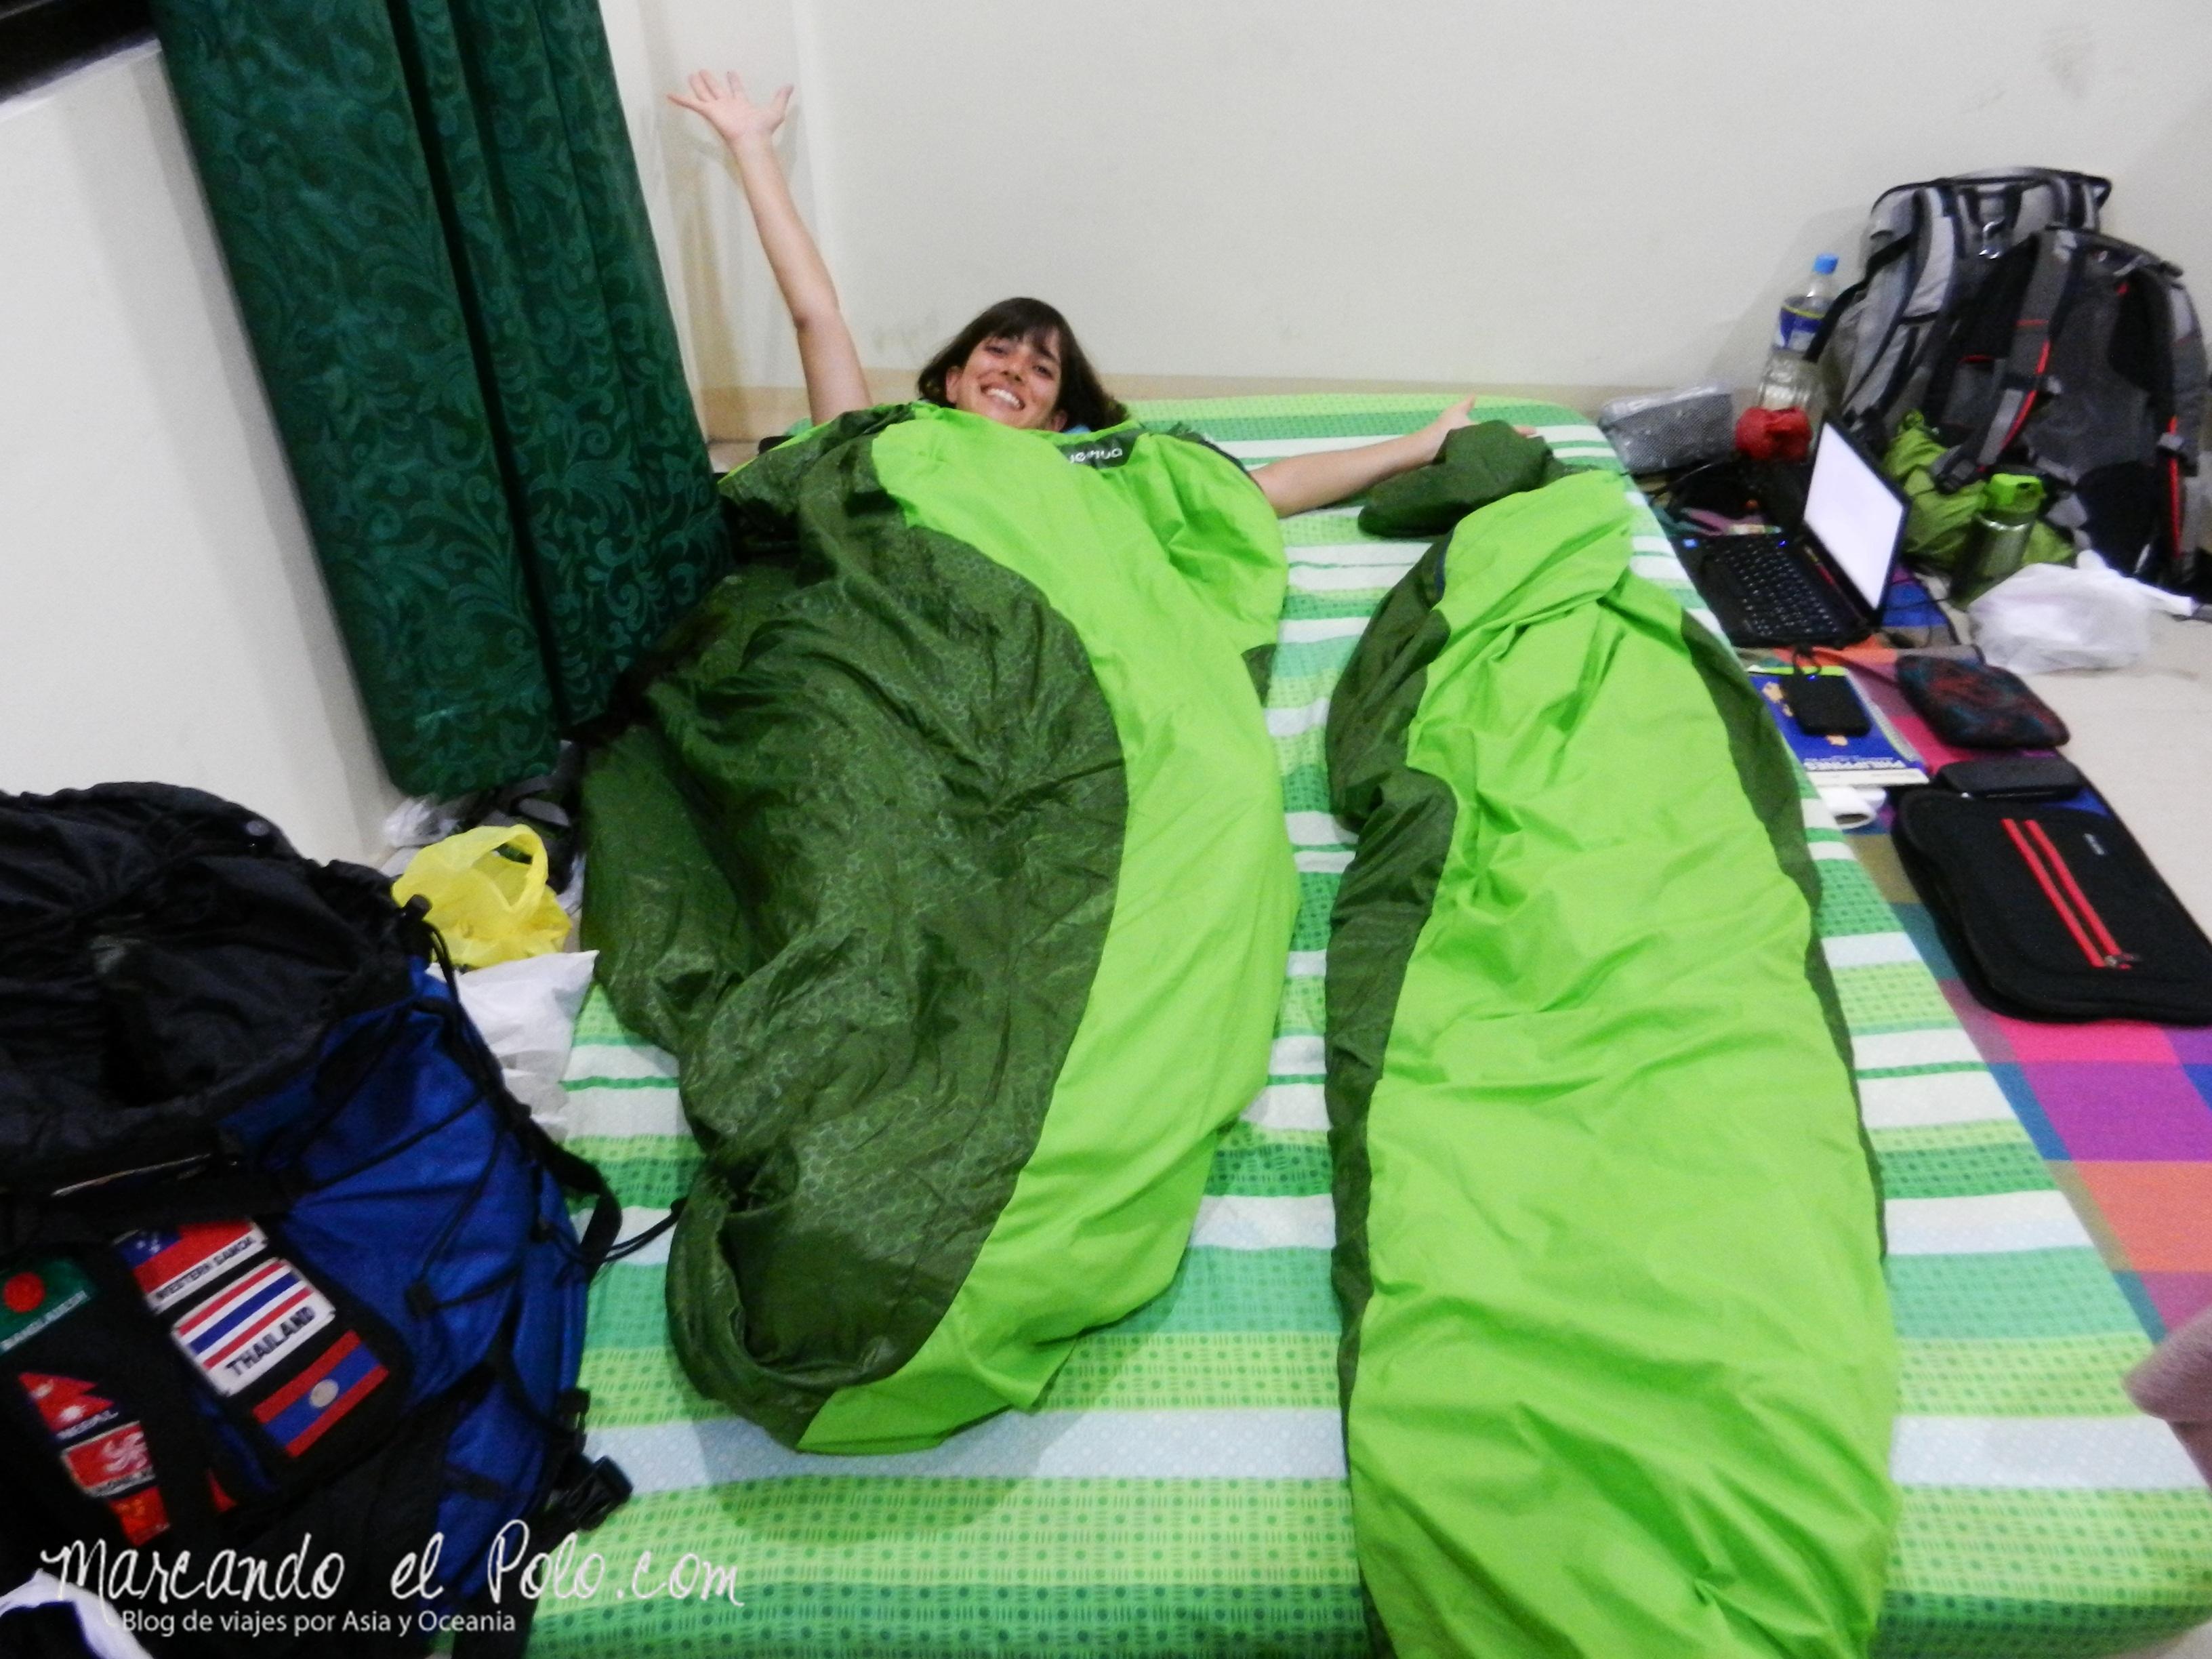 Terrazas de arroz filipinas: durmiendo en la iglesia